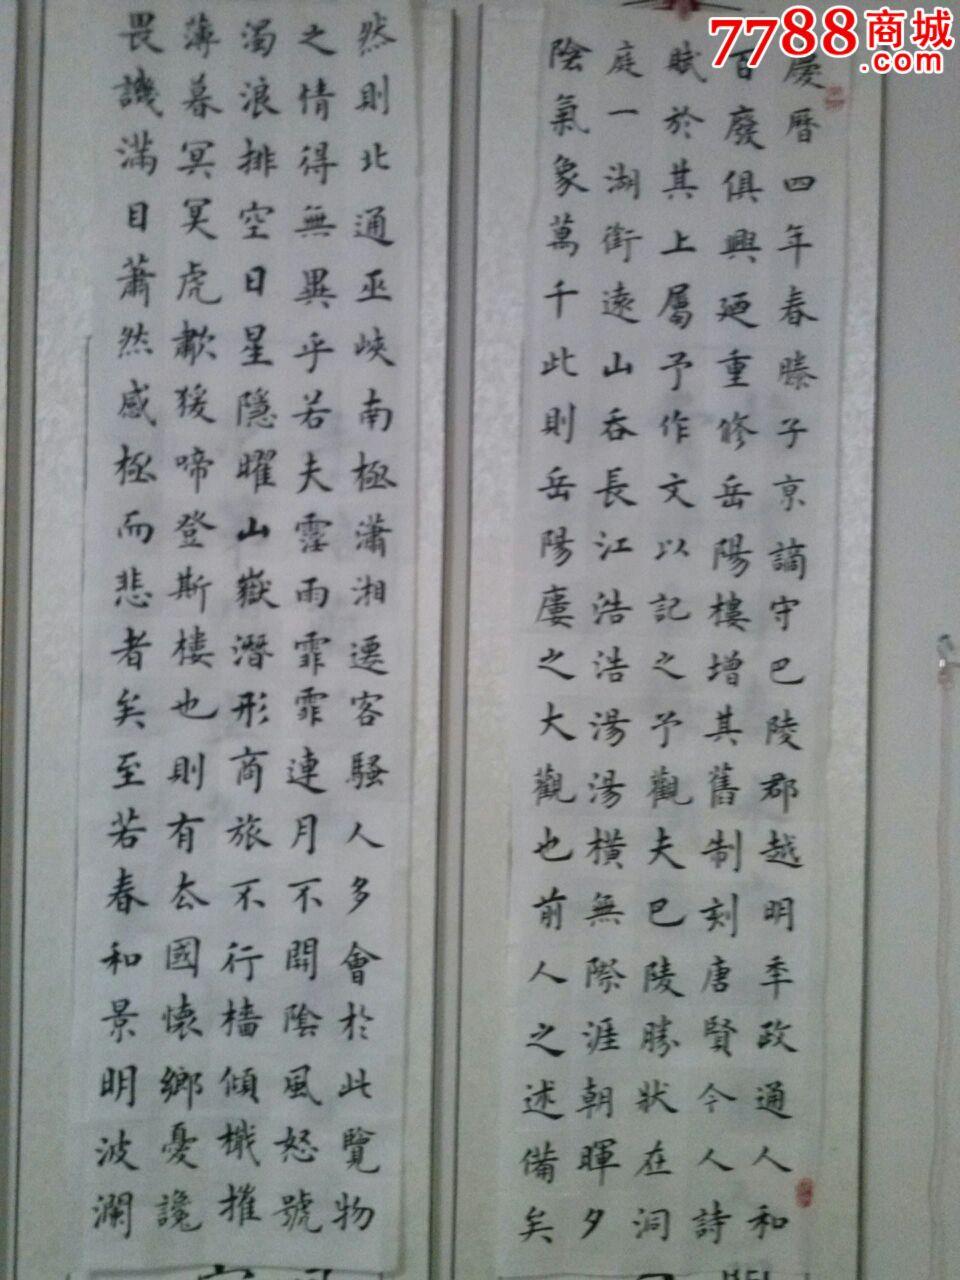 毛笔楷书手写欧体书法作品岳阳楼记